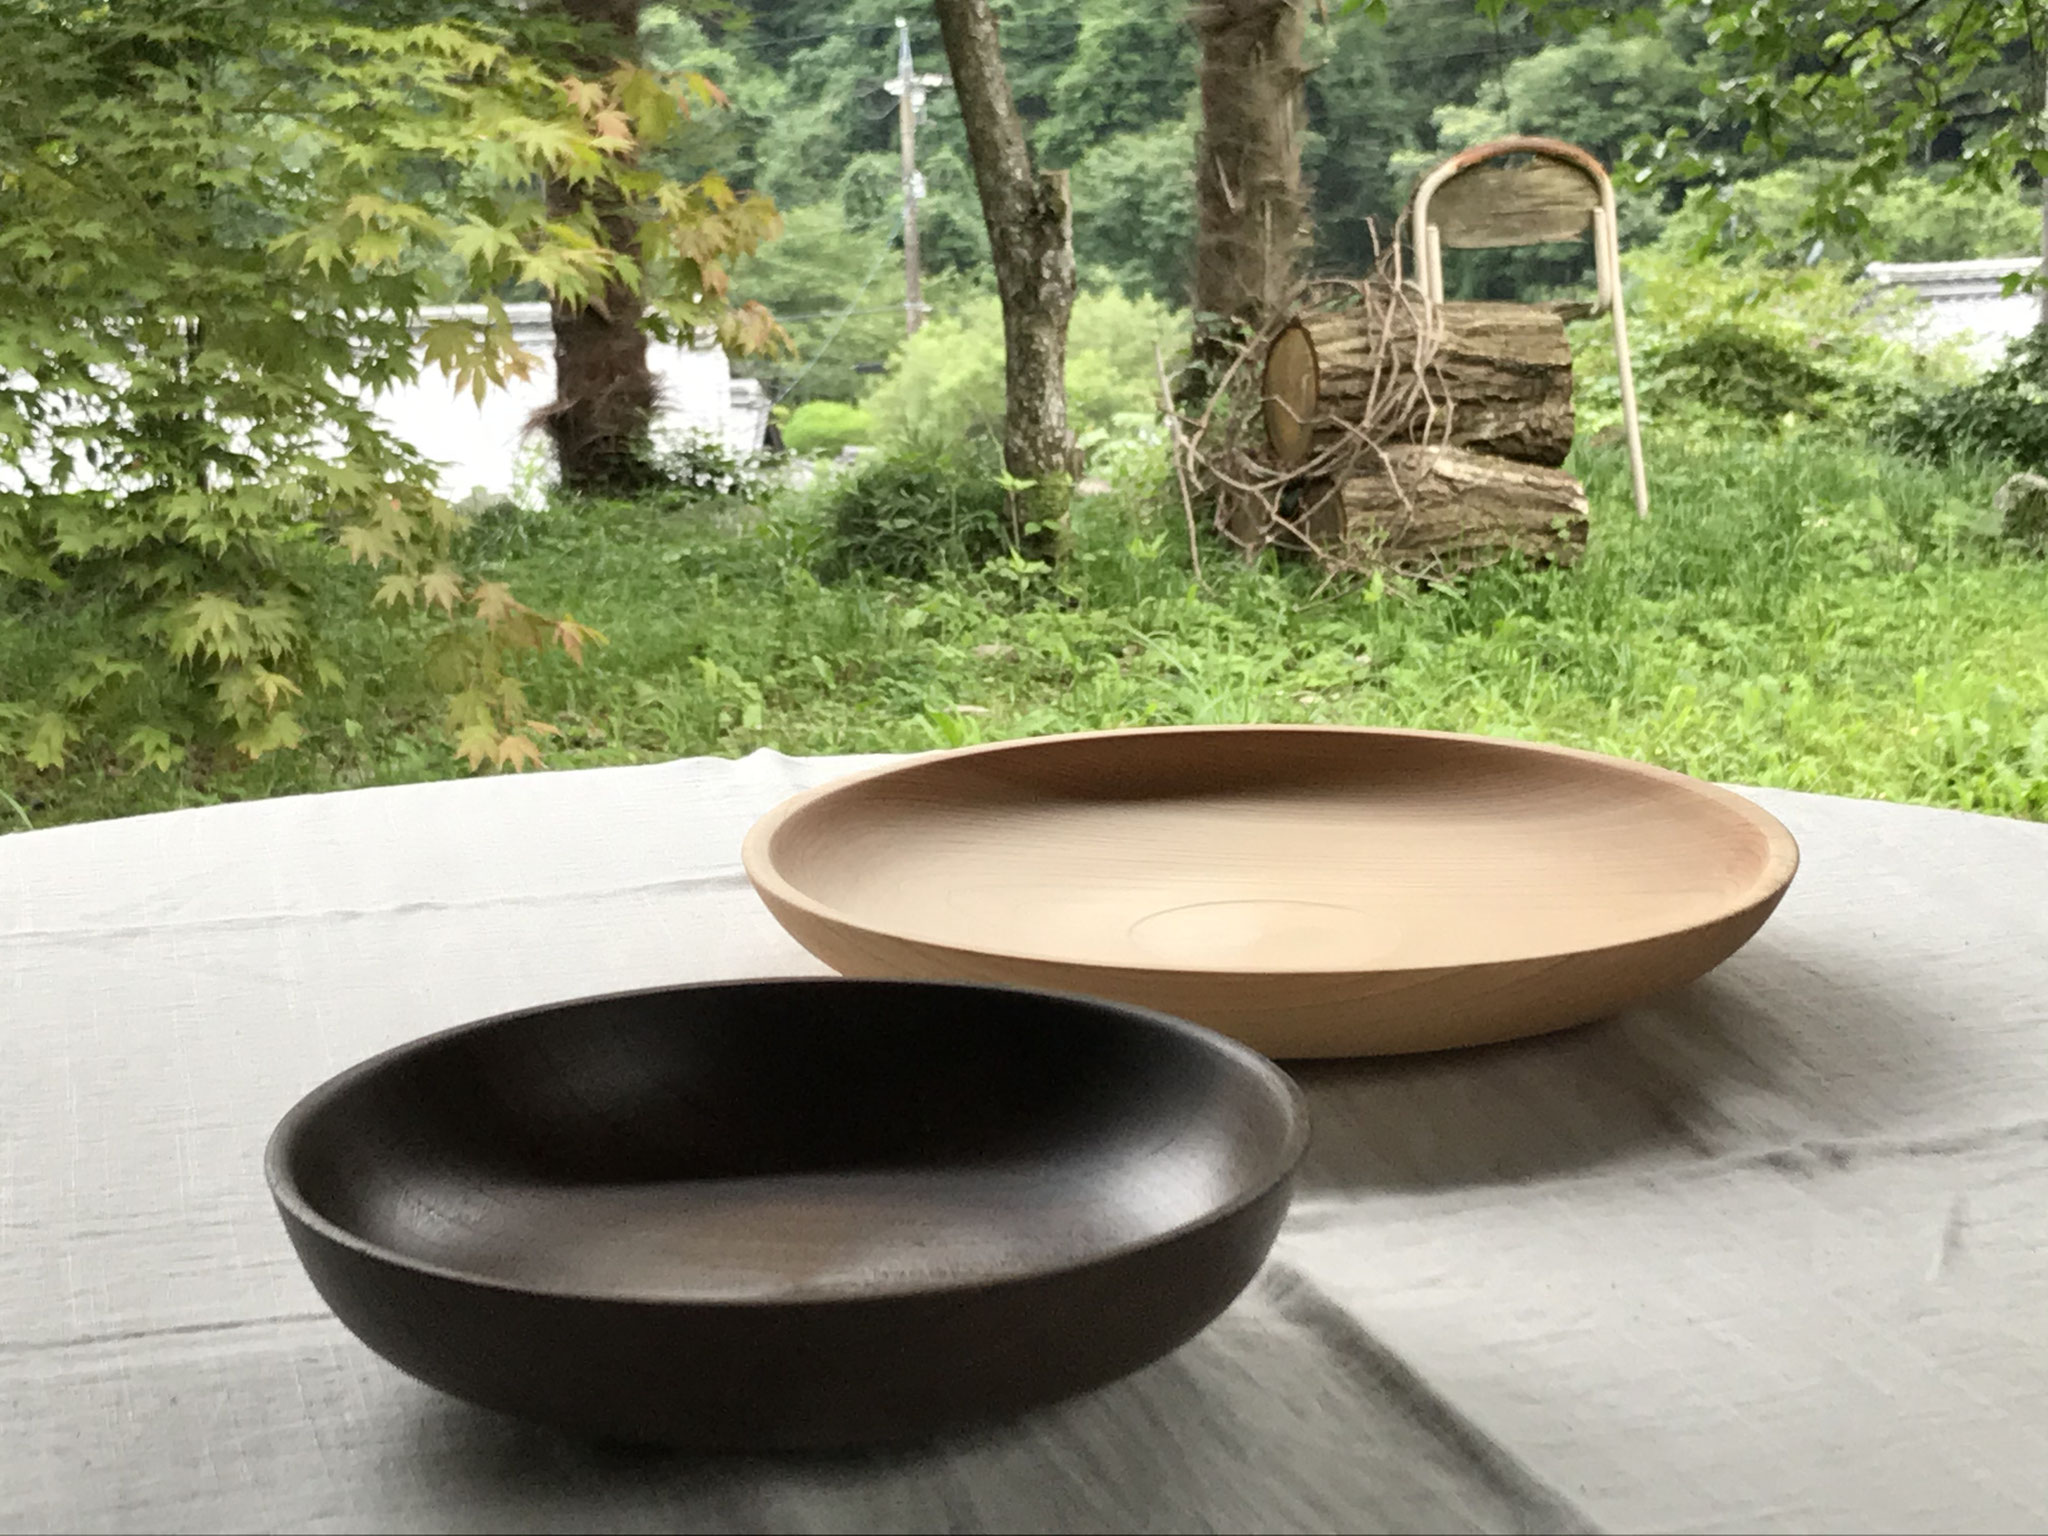 癒しの木工教室 ヒノキとケヤキの皿